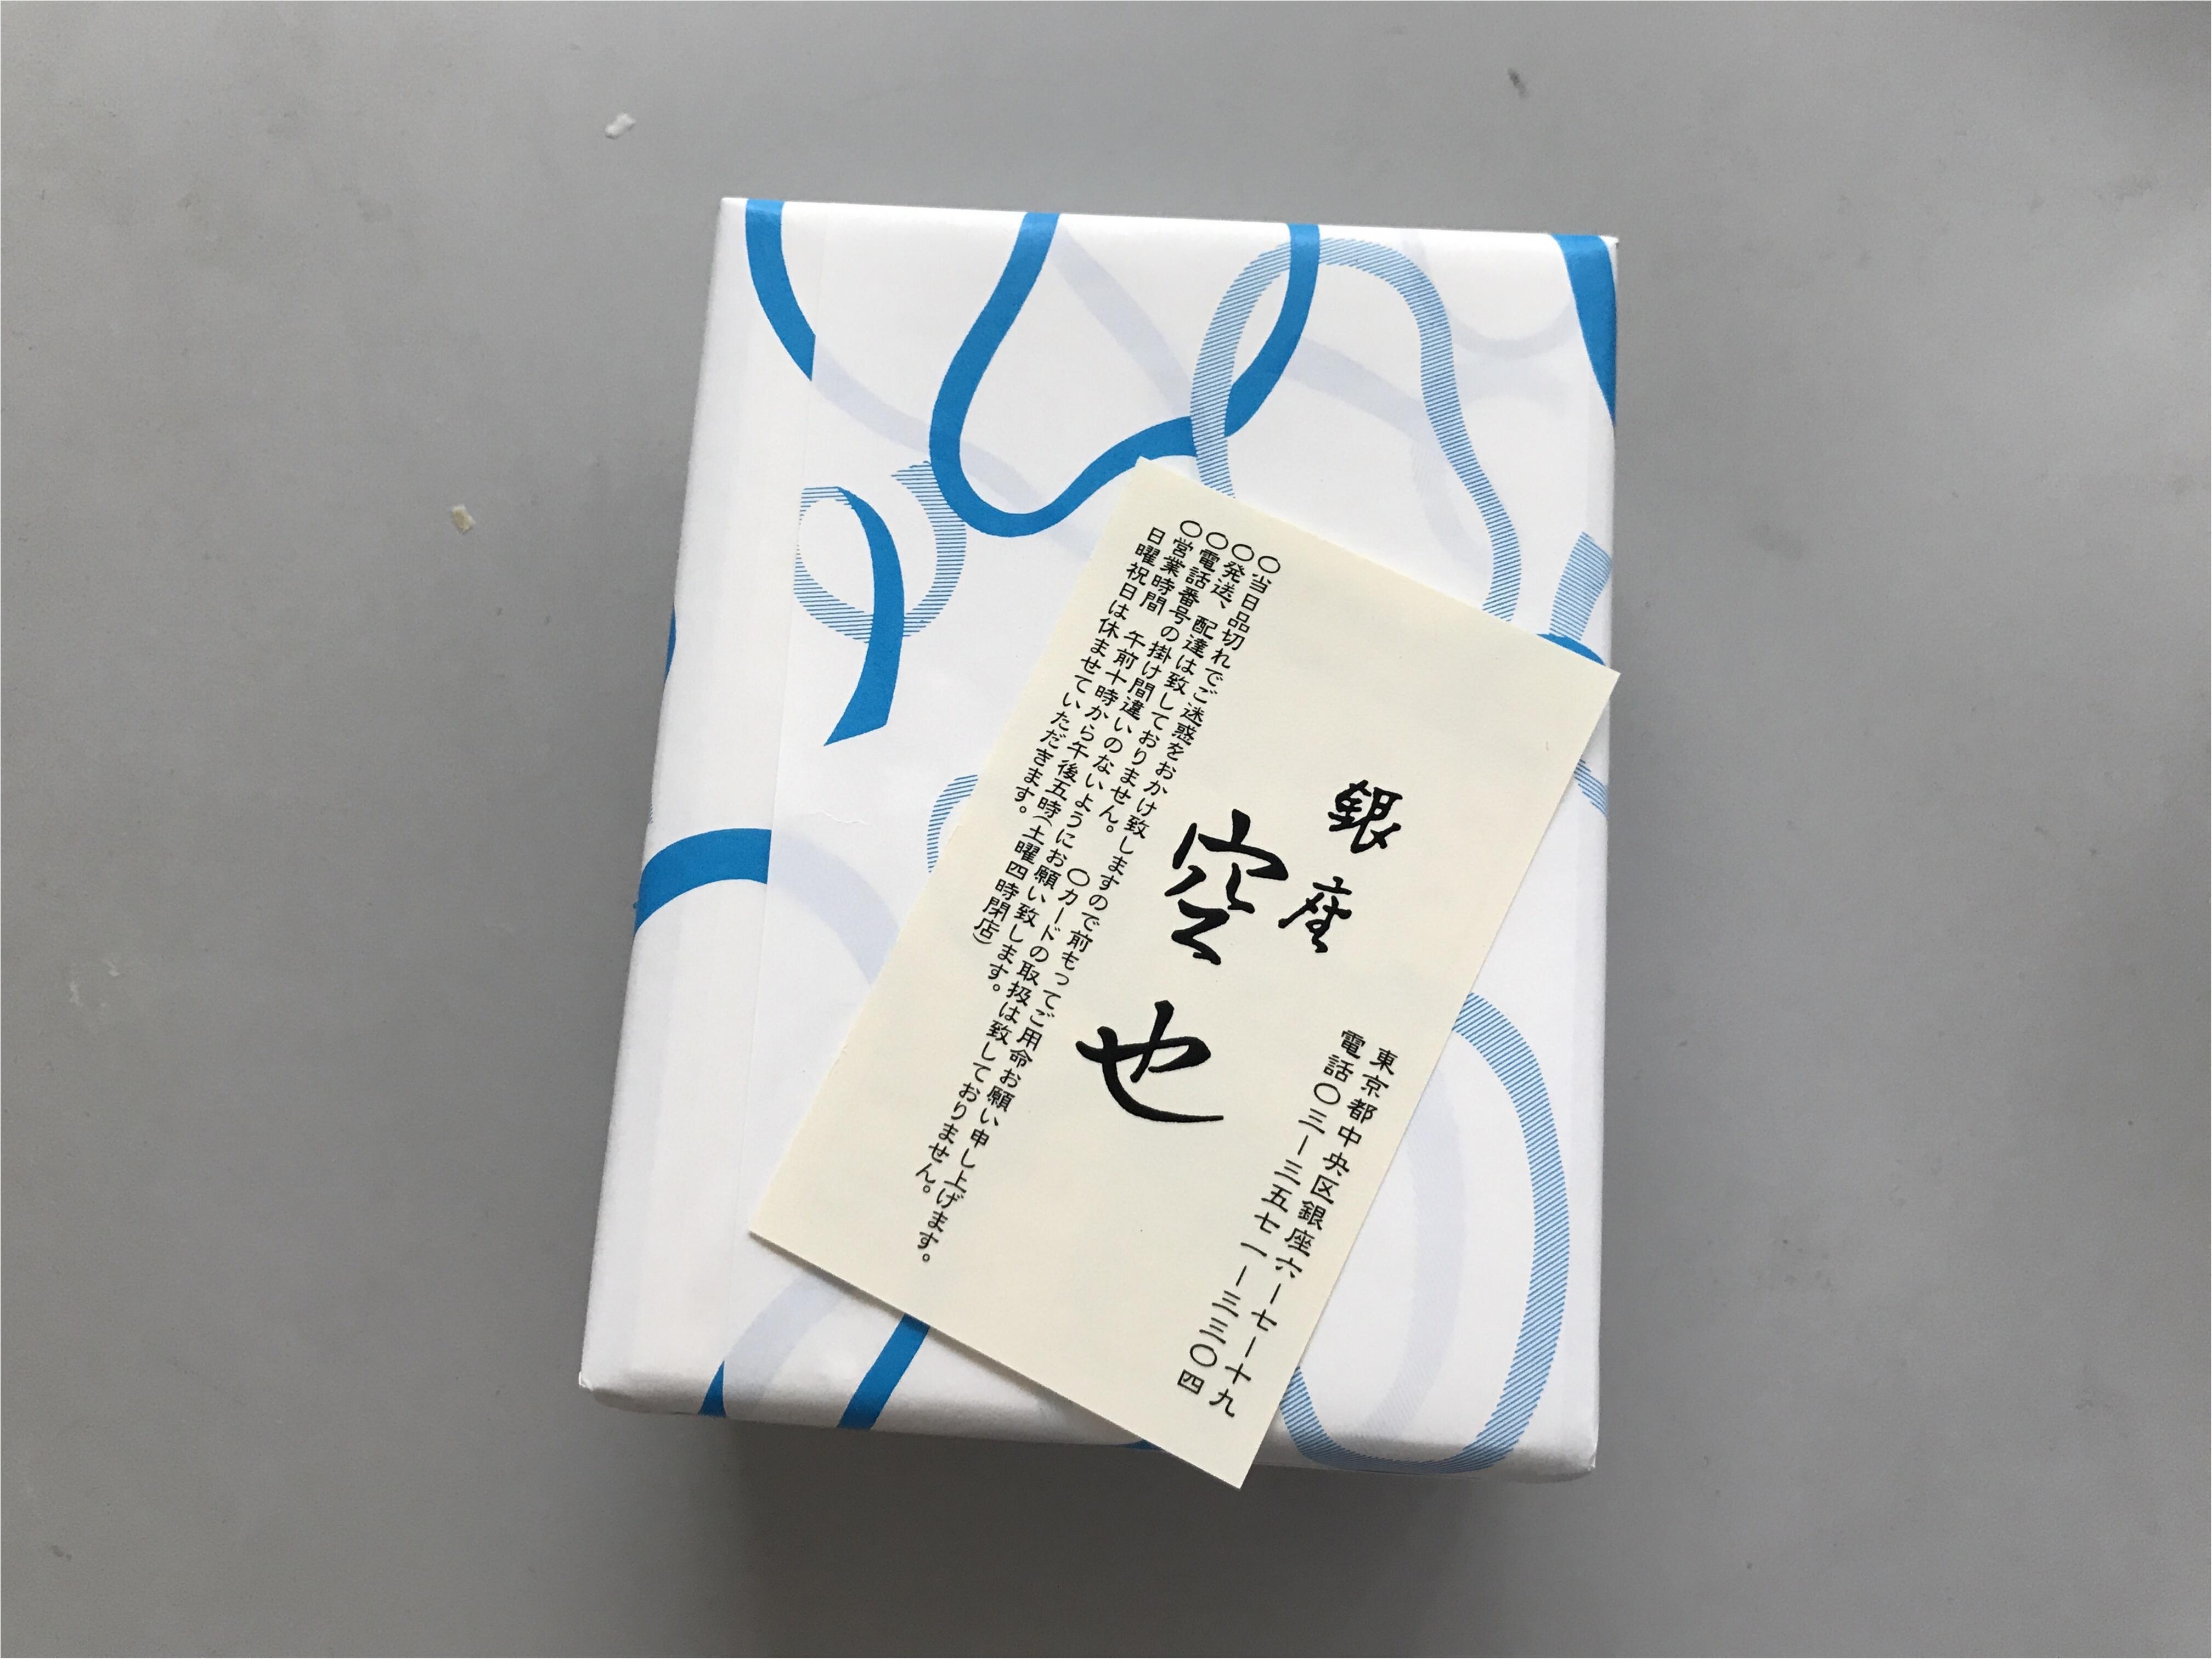 【和菓子の銘品】一度は食べて!帰省土産に予約必須、褒められ必須の絶品最中_3